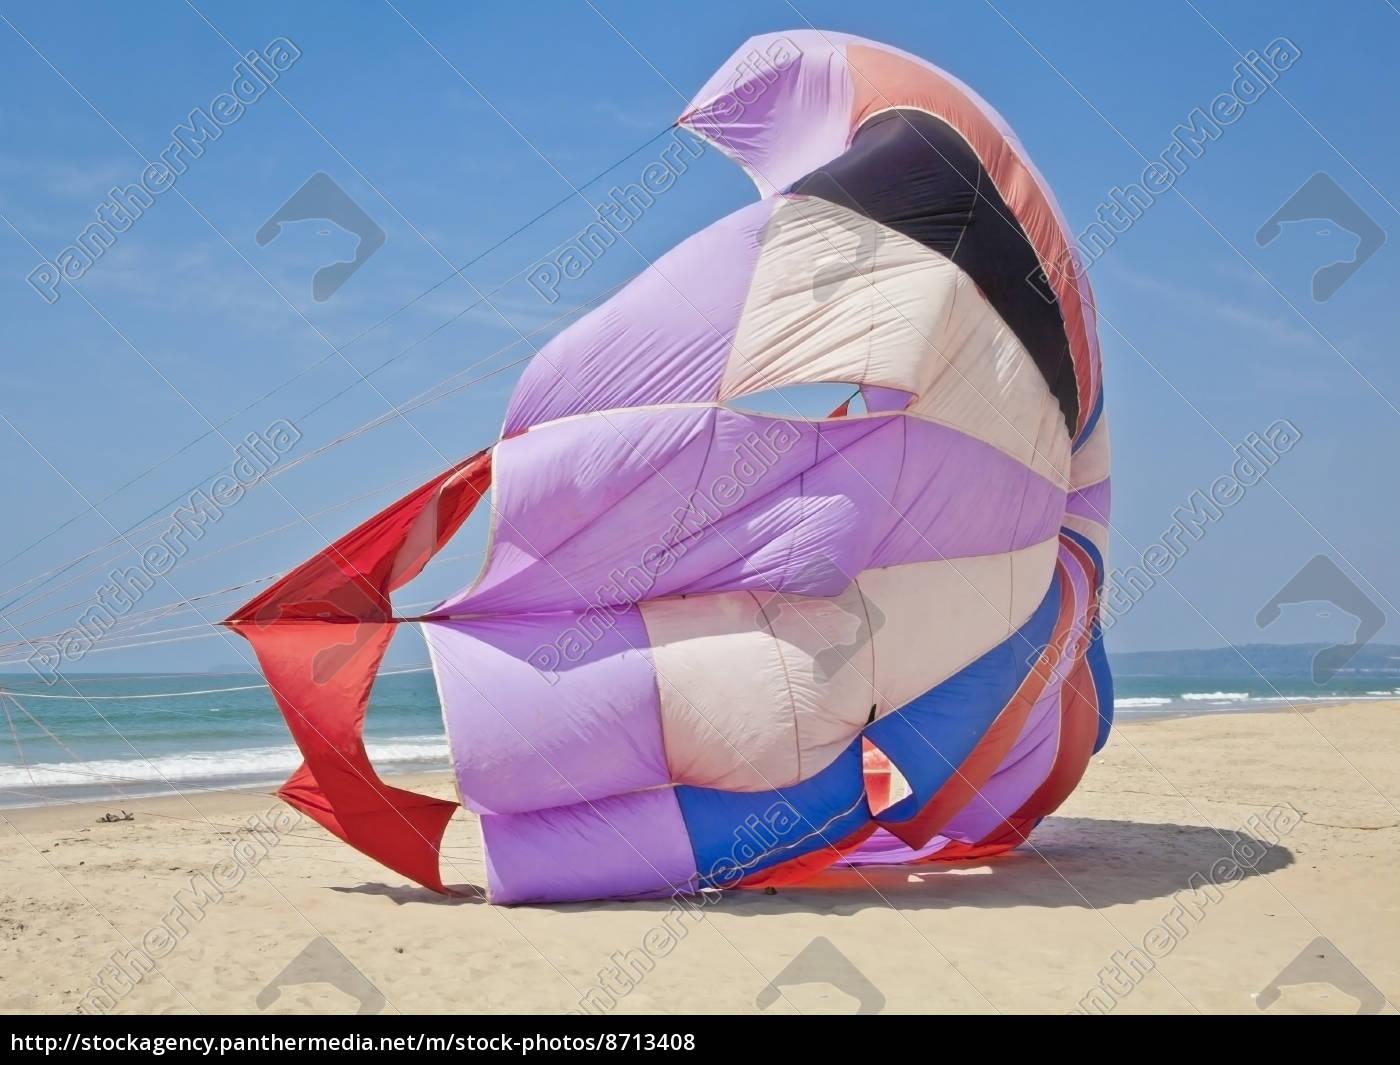 abstrakteparasail, auf, goa, beach, indien - 8713408